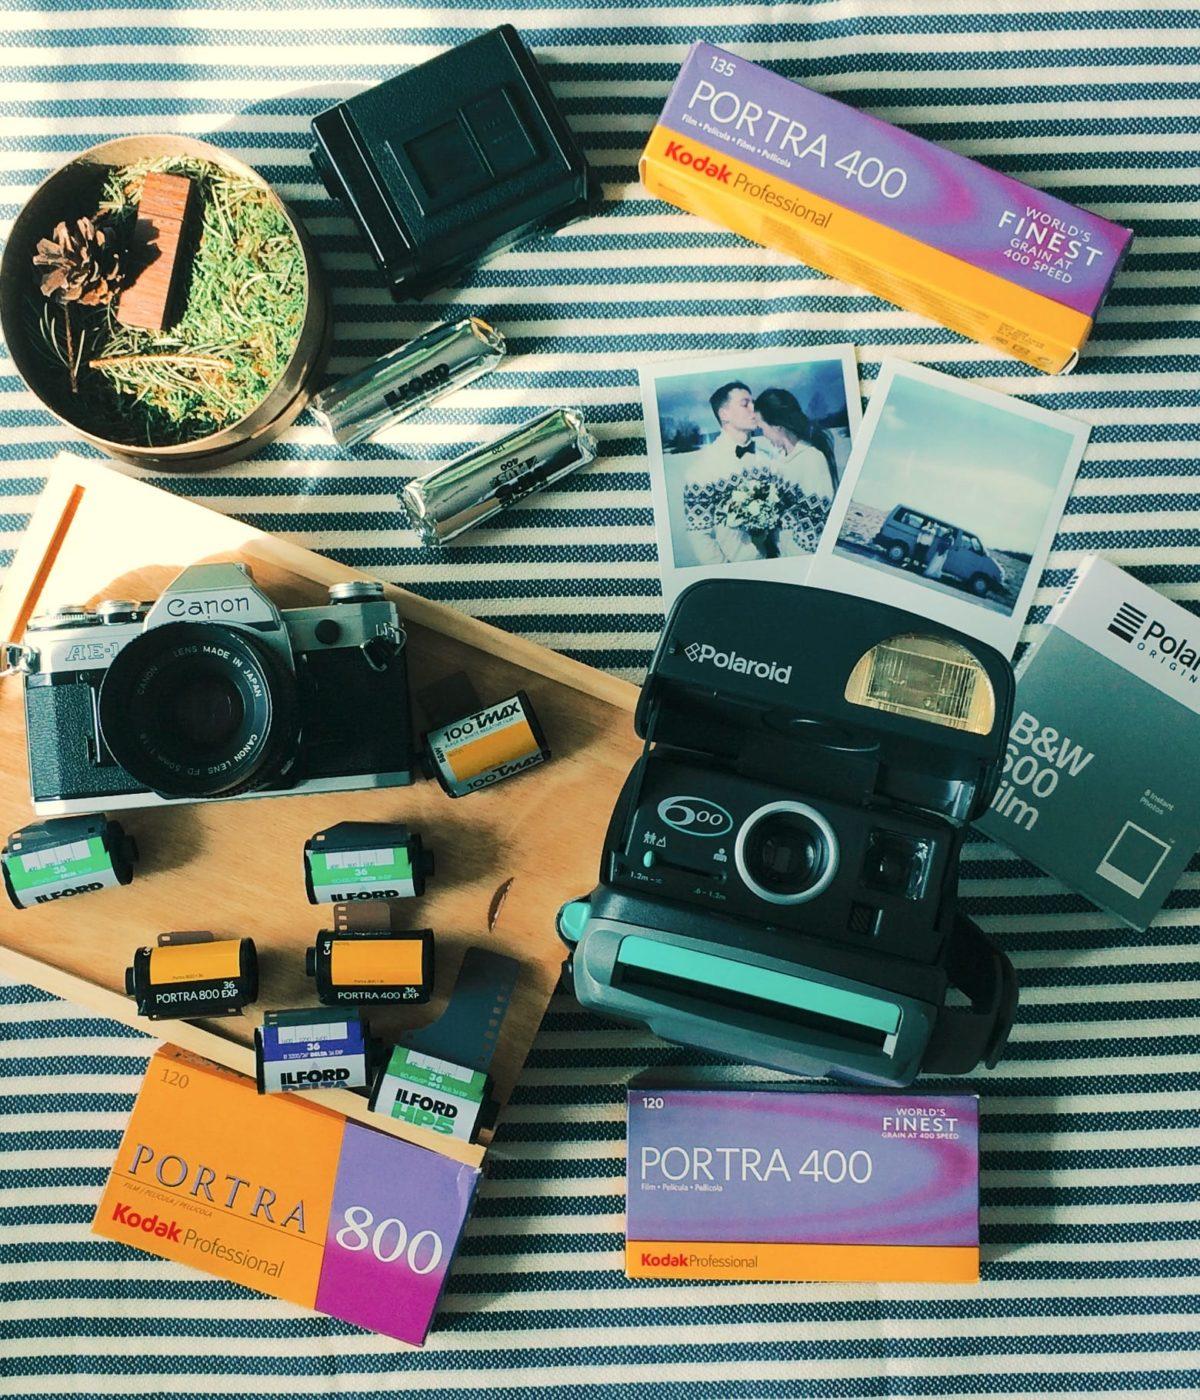 fotografia analogowa maciej sobol 1200x1400 - Fotografia ślubna na kliszy vs fotografia cyfrowa